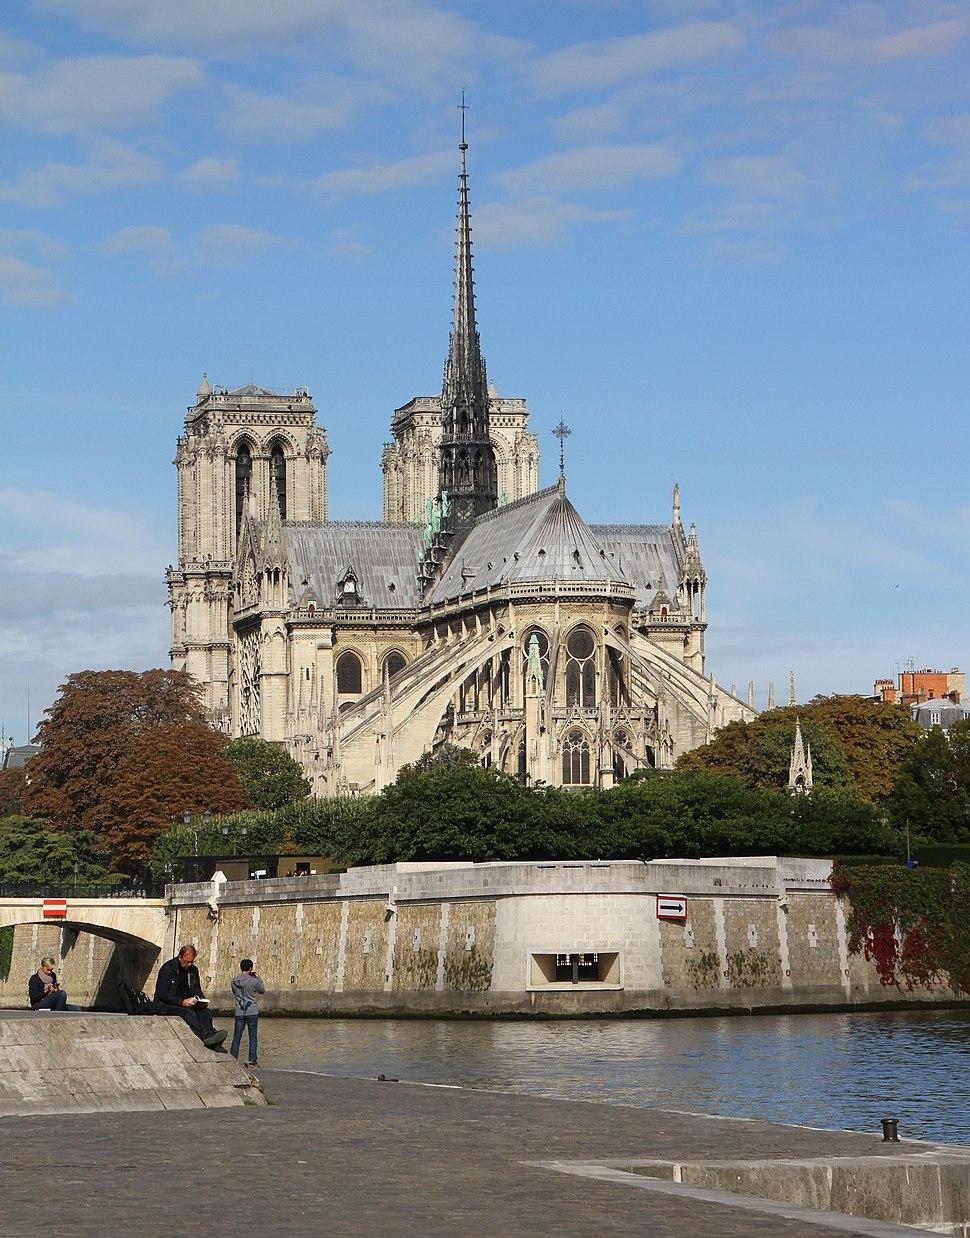 Paris-Notre Dame-126-Quai de la Tournelle-2017-gje